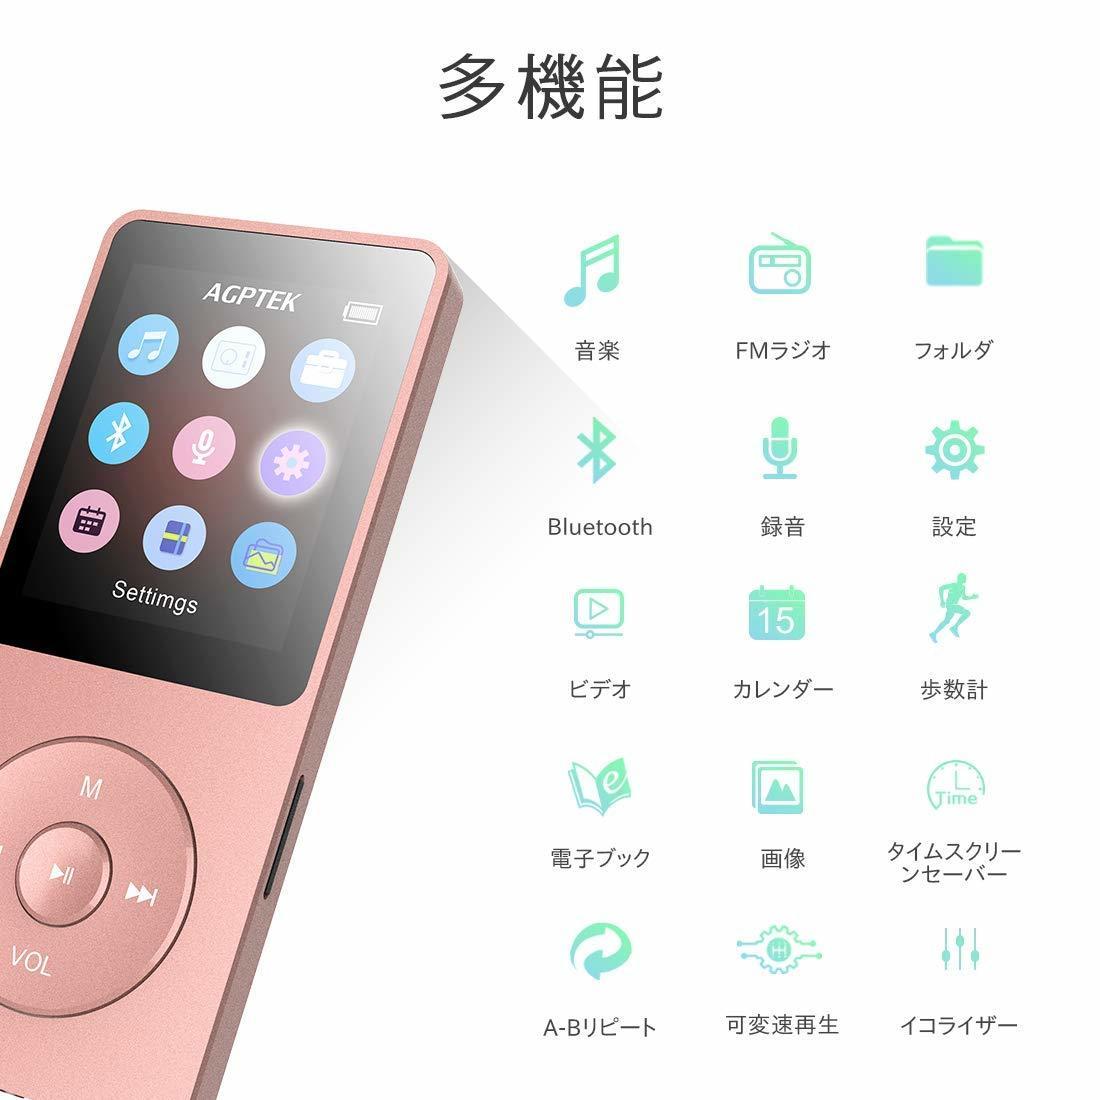 ★新品・未使用★ Bluetooth4.0 MP3プレーヤー HIFI高音質 超軽量 歩数計/FMラジオ 多機能 内蔵8GB マイクロSDカード128GBまで対応_画像6